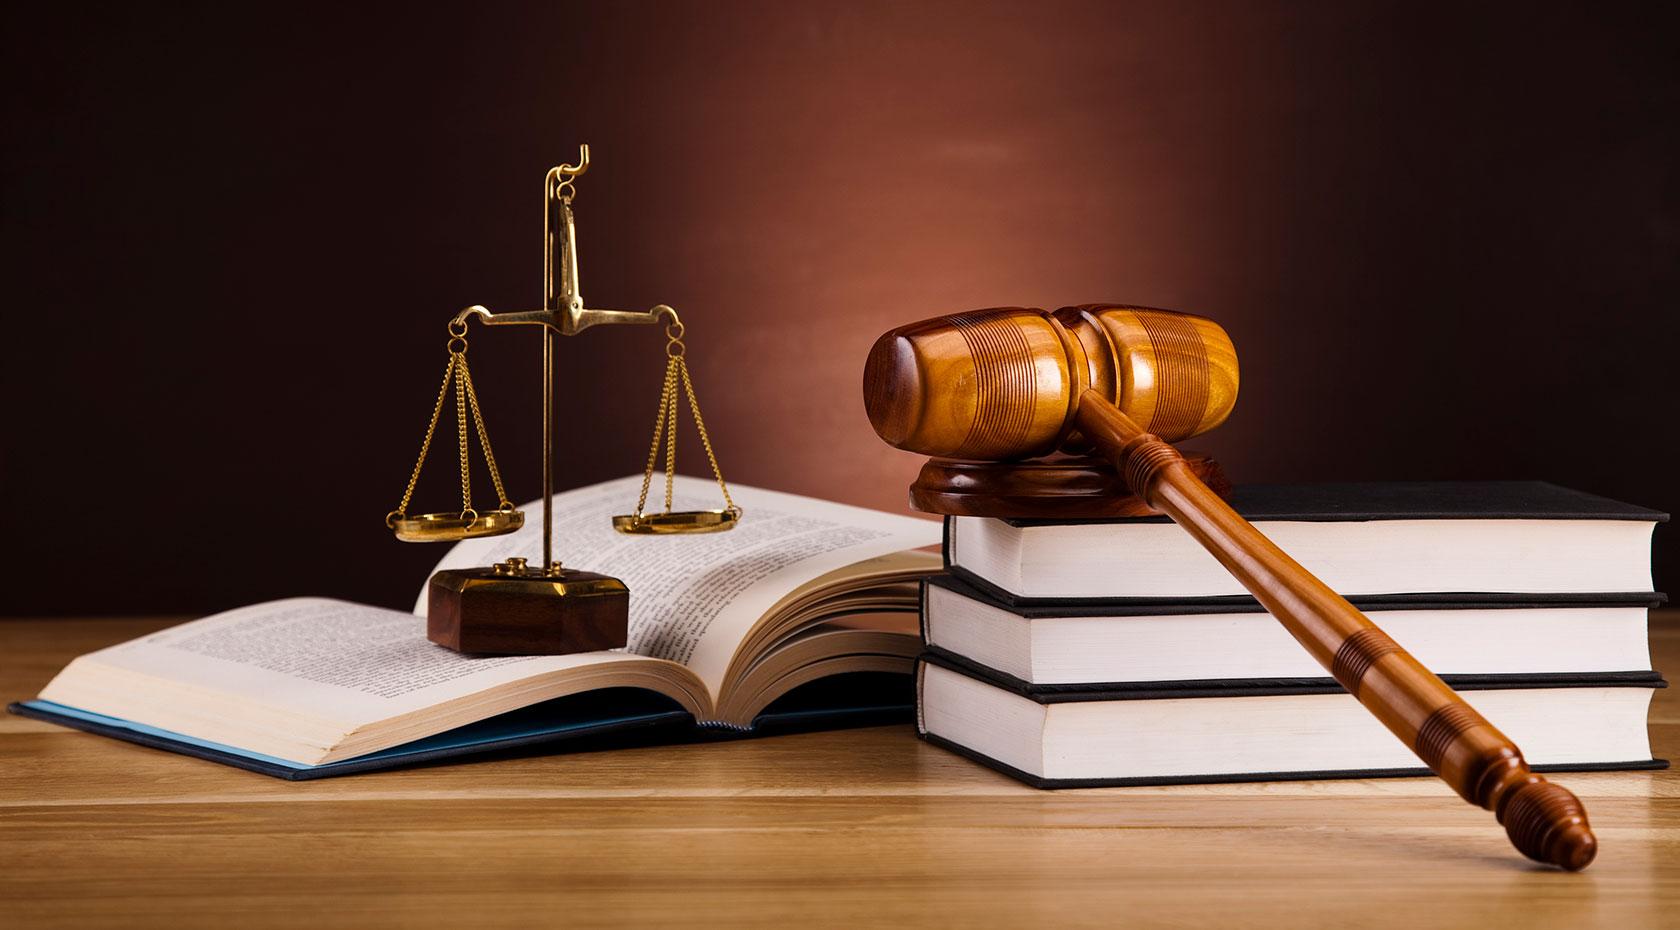 AGGIORNAMENTO DELL'ELENCO COMUNALE DEGLI AVVOCATI PER L'AFFIDAMENTO DEGLI INCARICHI LEGALI